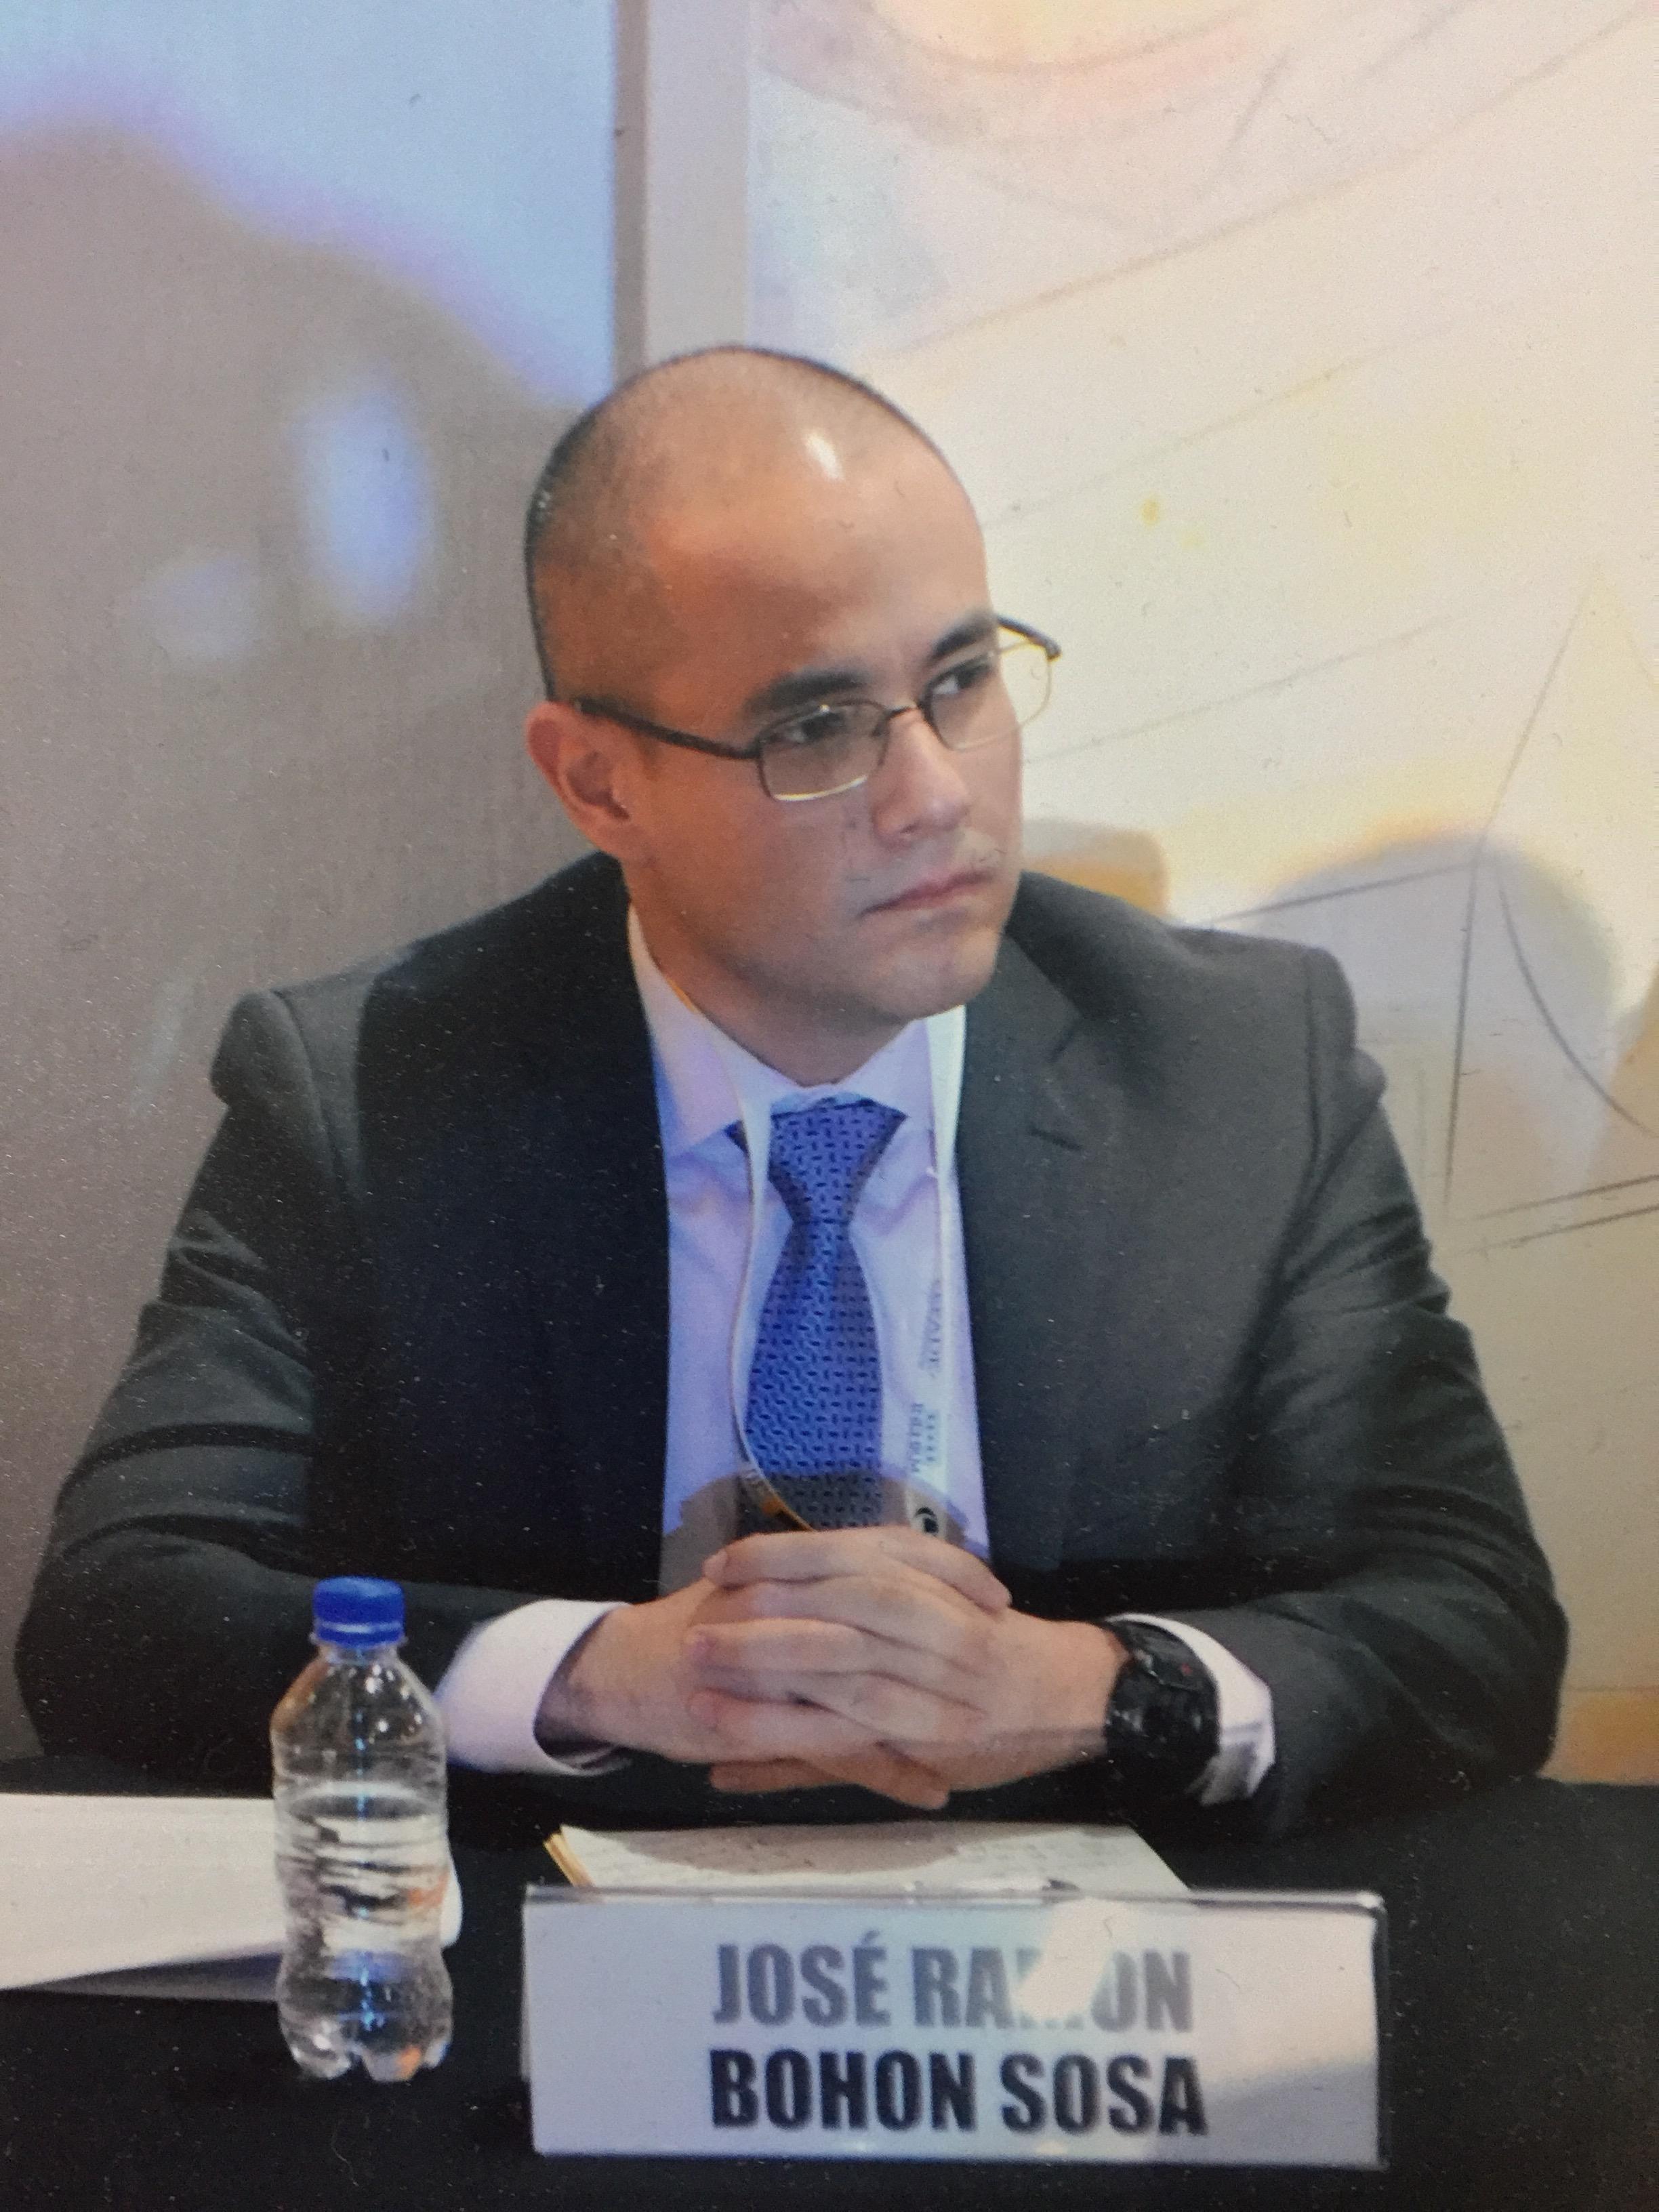 José Ramón Bohon Sosa - Escuela Libre de Derecho de Sinaloa